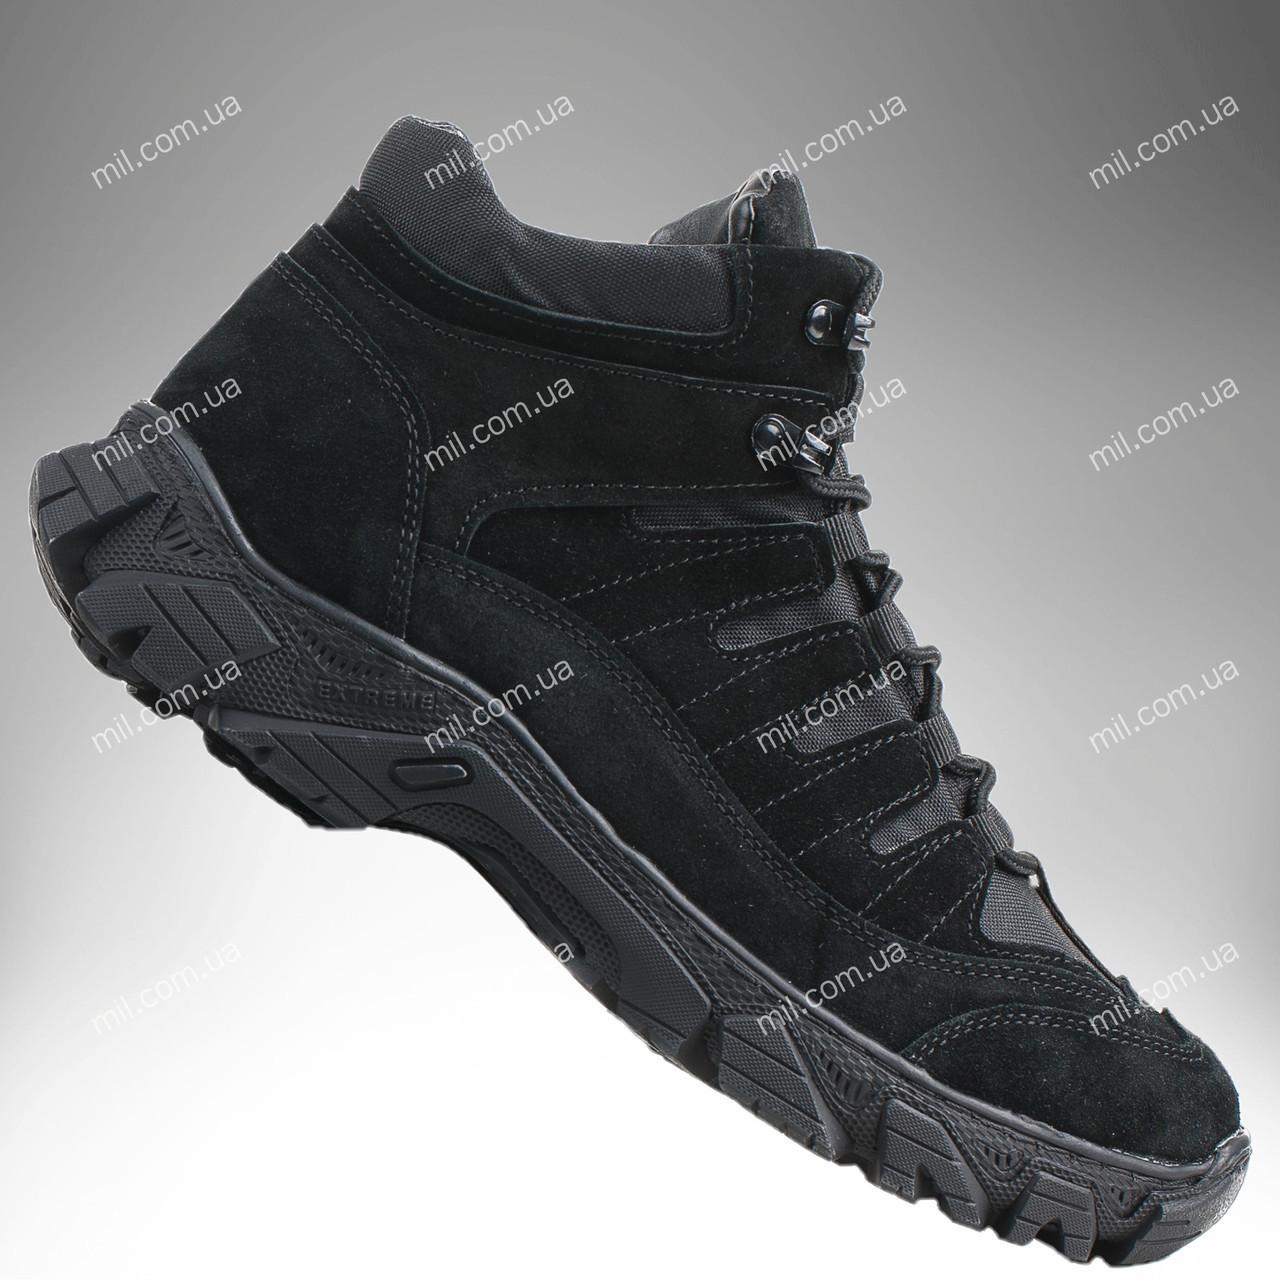 ⭐⭐Полуботинки военные демисезонные / армейская, тактическая обувь VERSUS Pro (черный) | военная обувь, военные